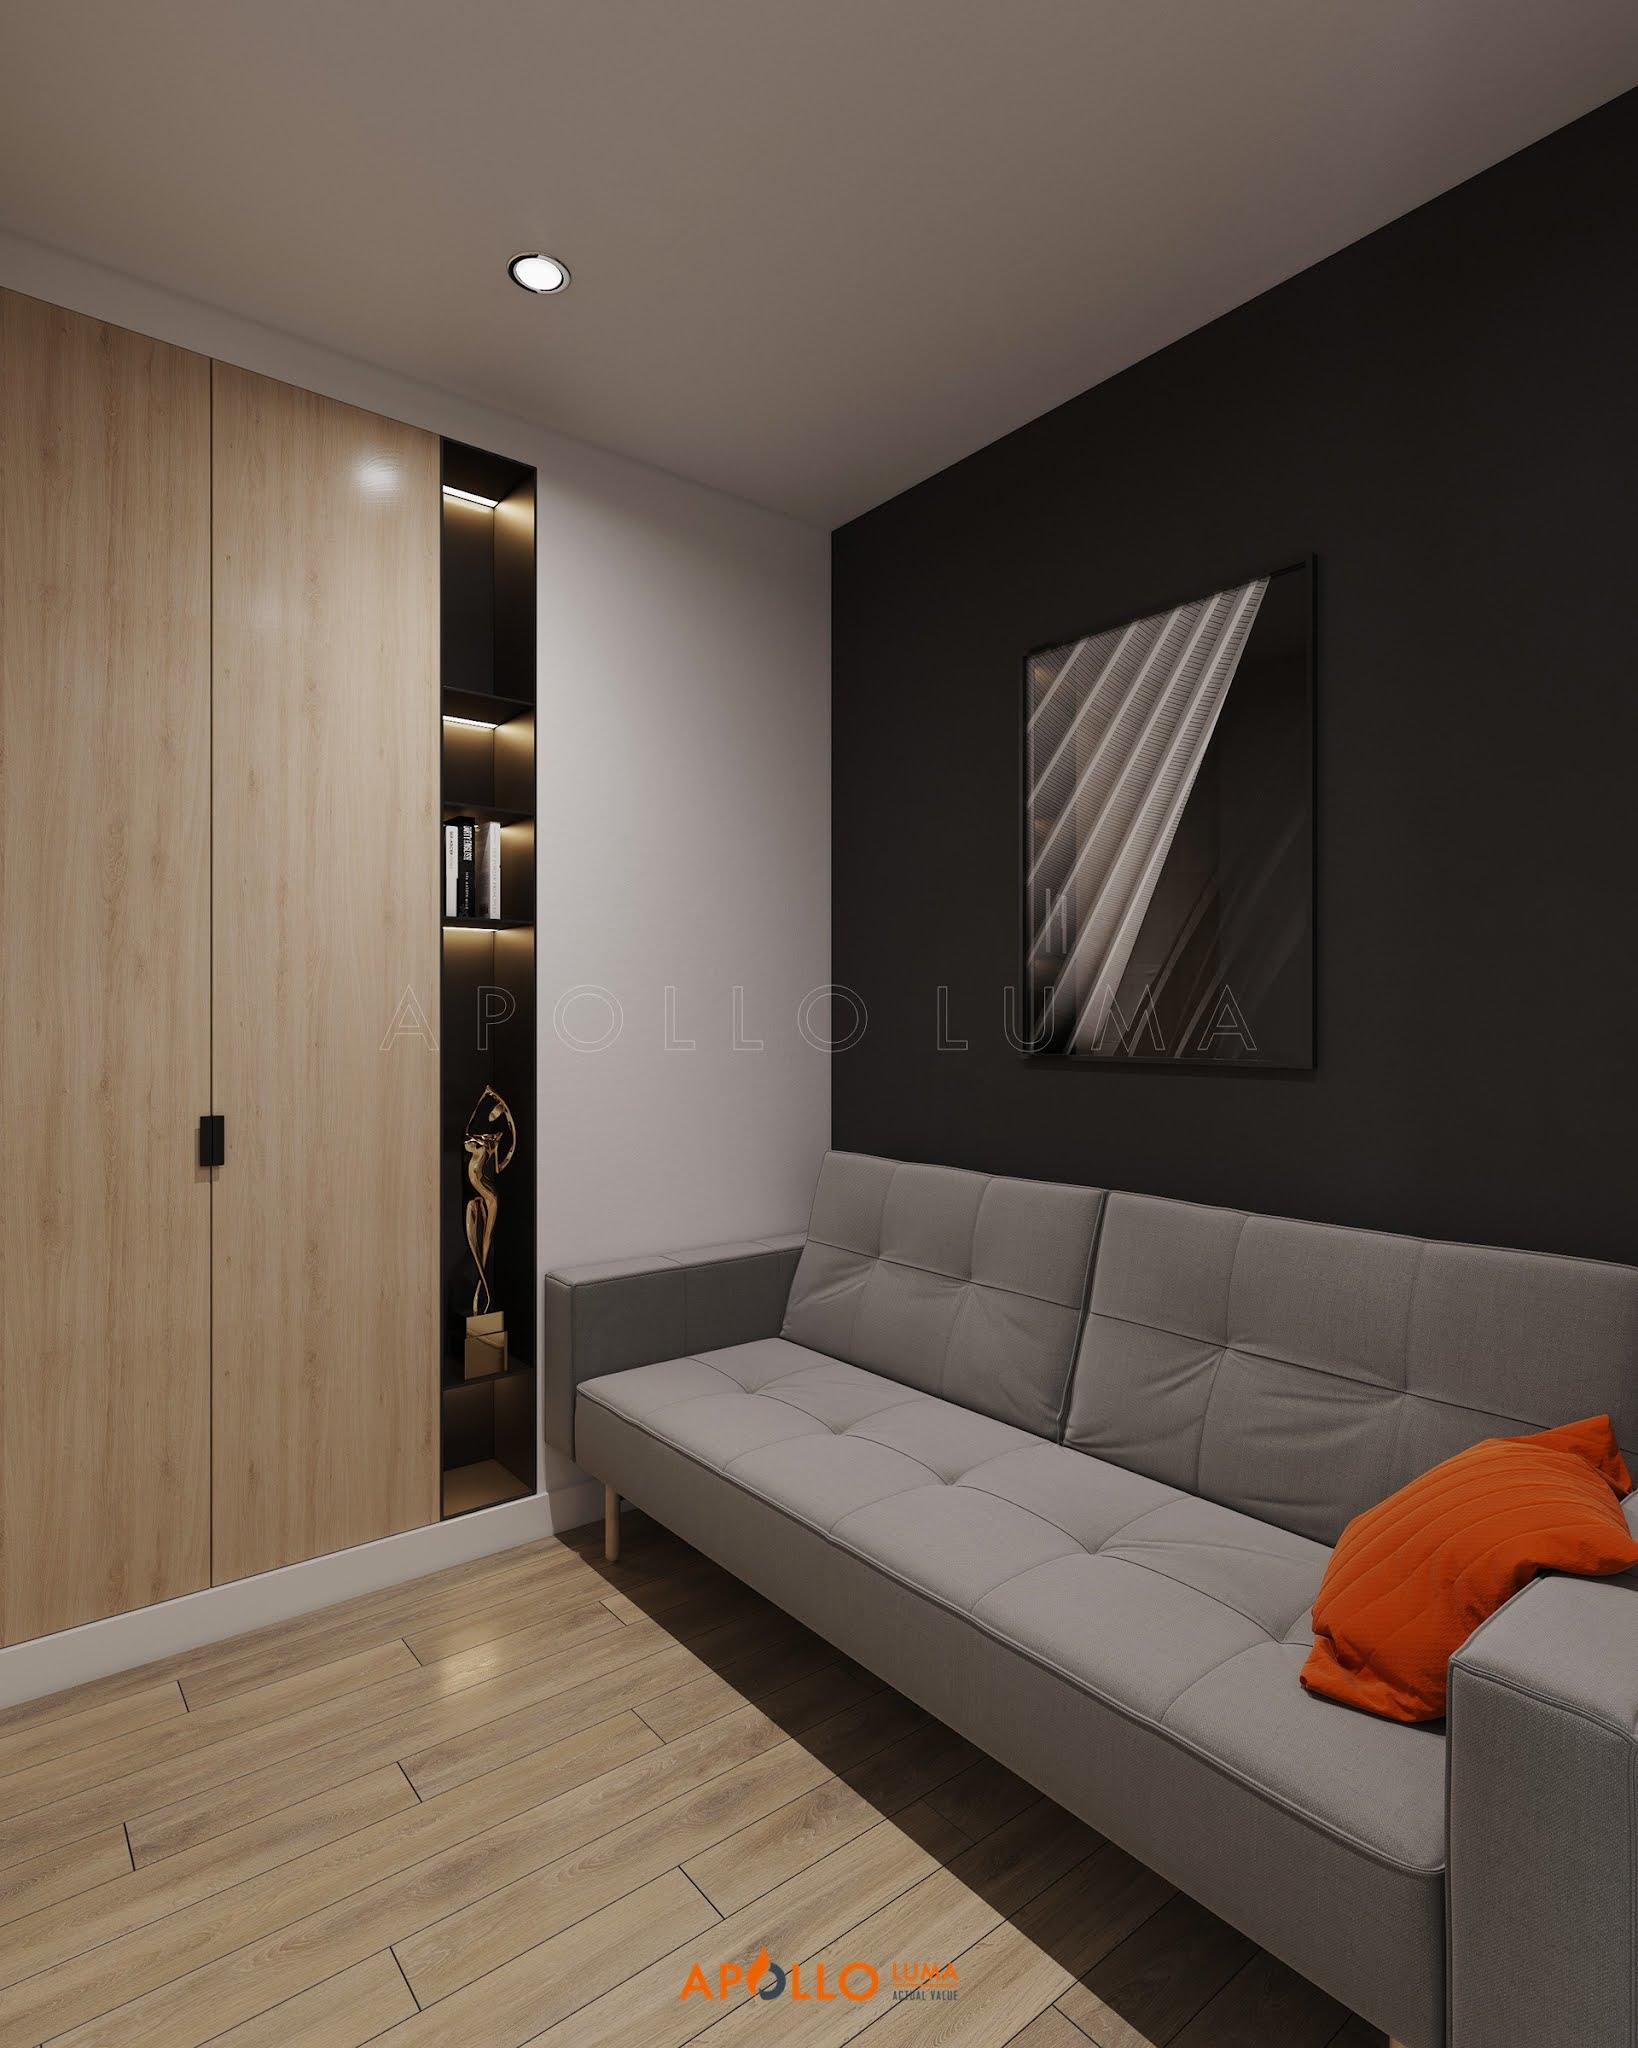 Thiết kế nội thất căn hộ 1PN+1 (43m2) S3.01-02 Vinhomes Smart City Tây Mỗ